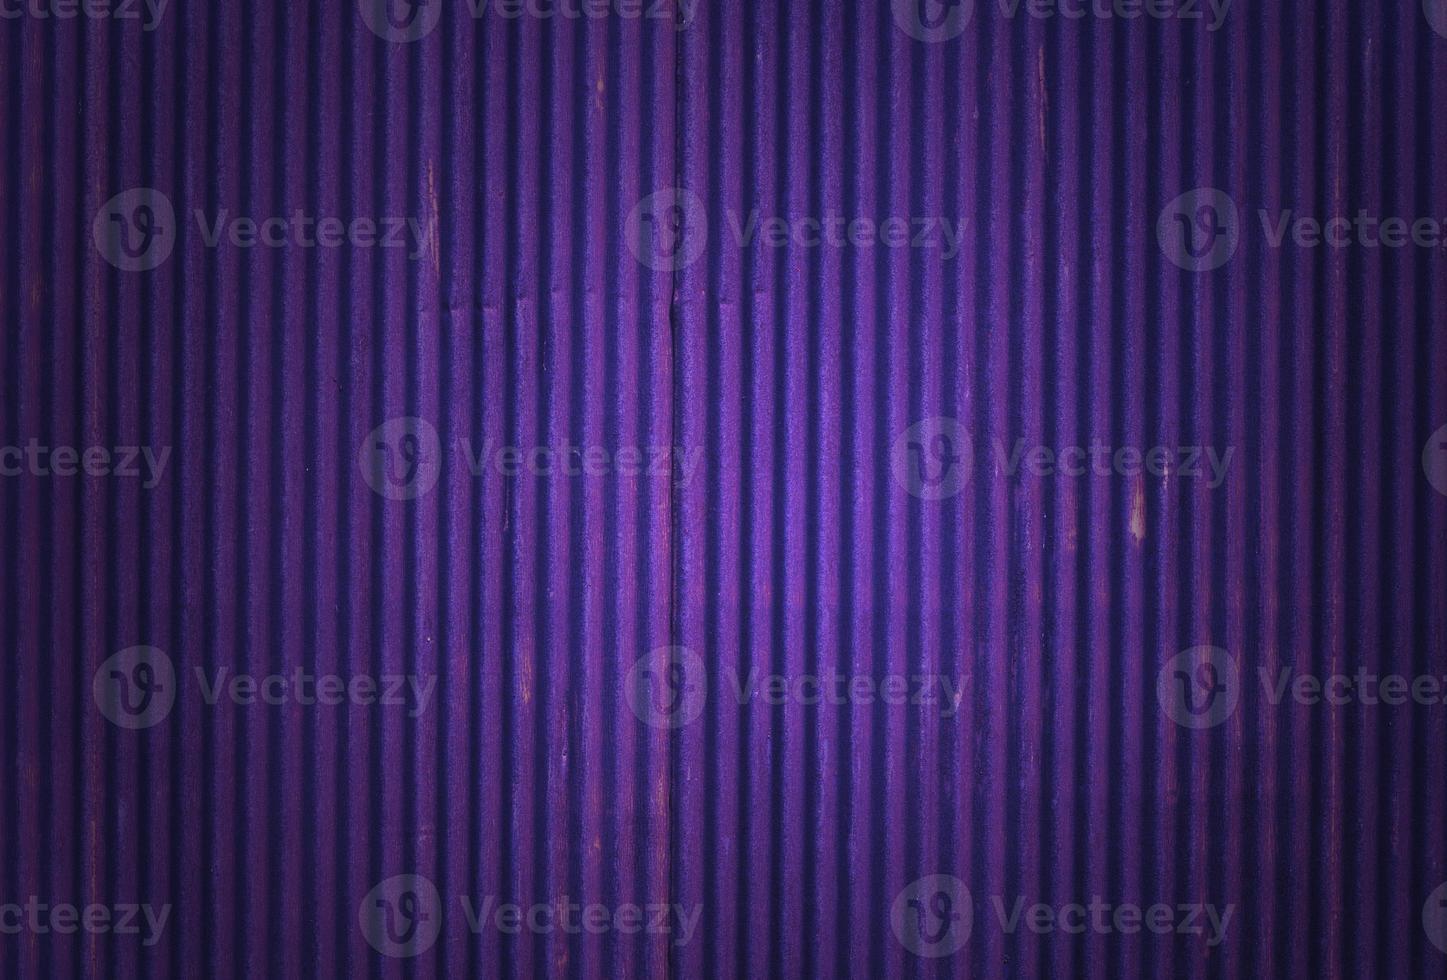 fond de toile de fond en zinc violet photo